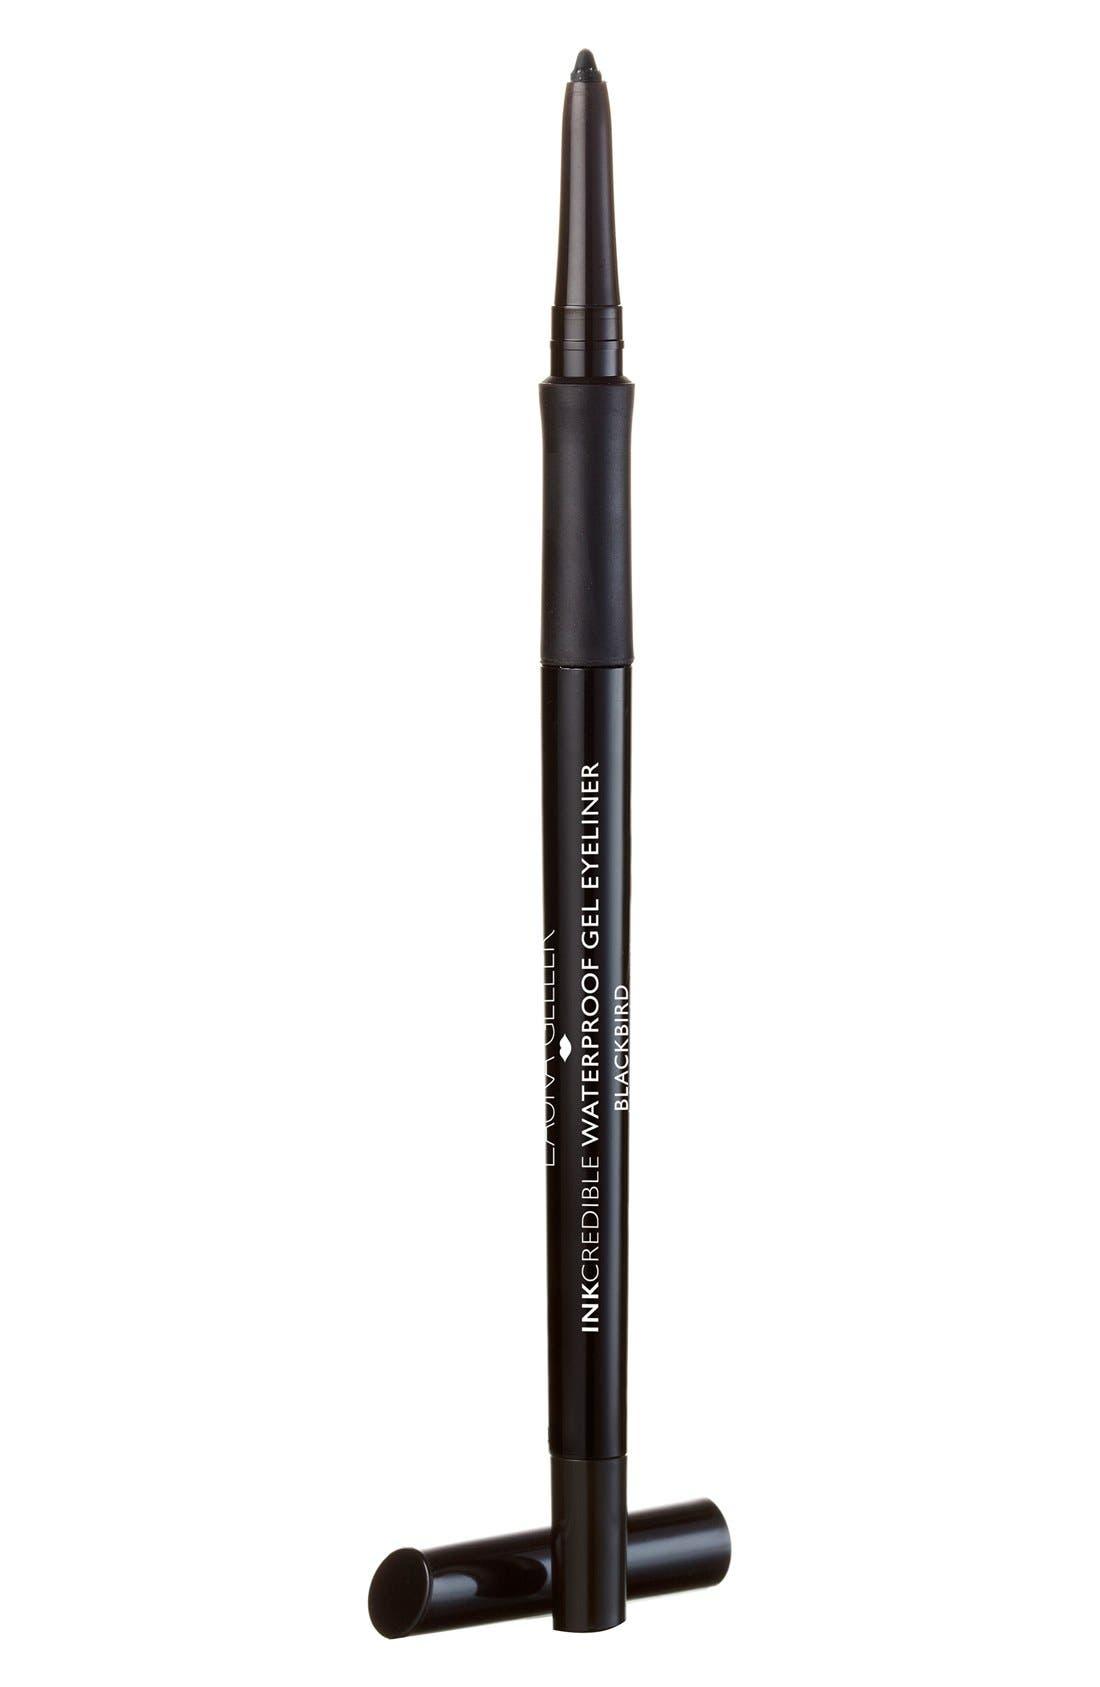 Laura Geller Beauty Inkcredible Gel Eyeliner Pencil -